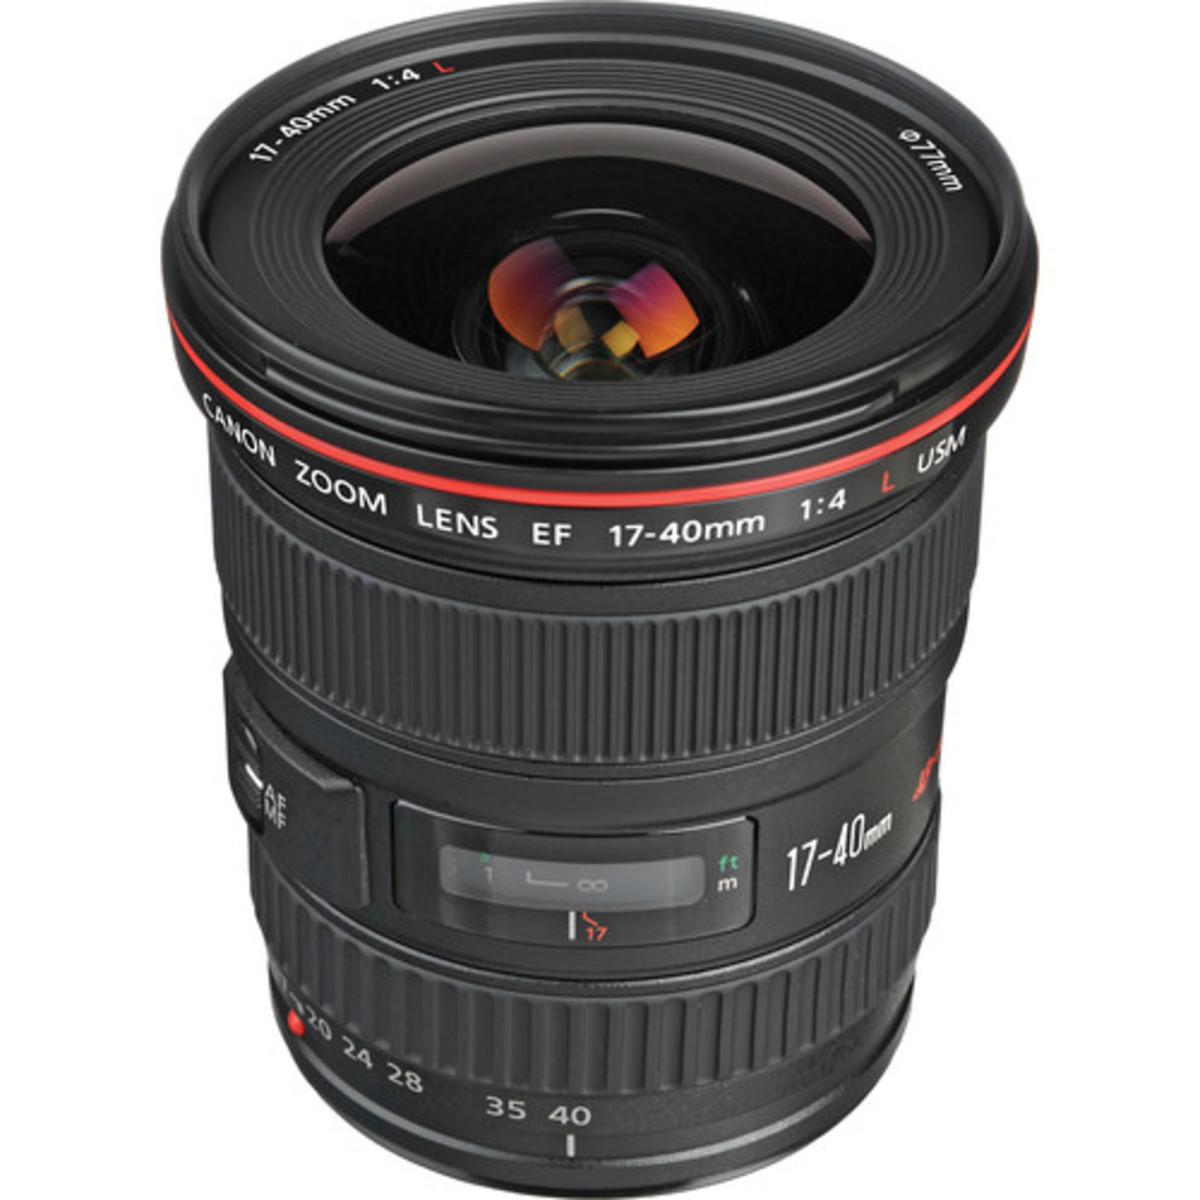 EF 17-40mm f/4L USM Lens (Parallel imported)